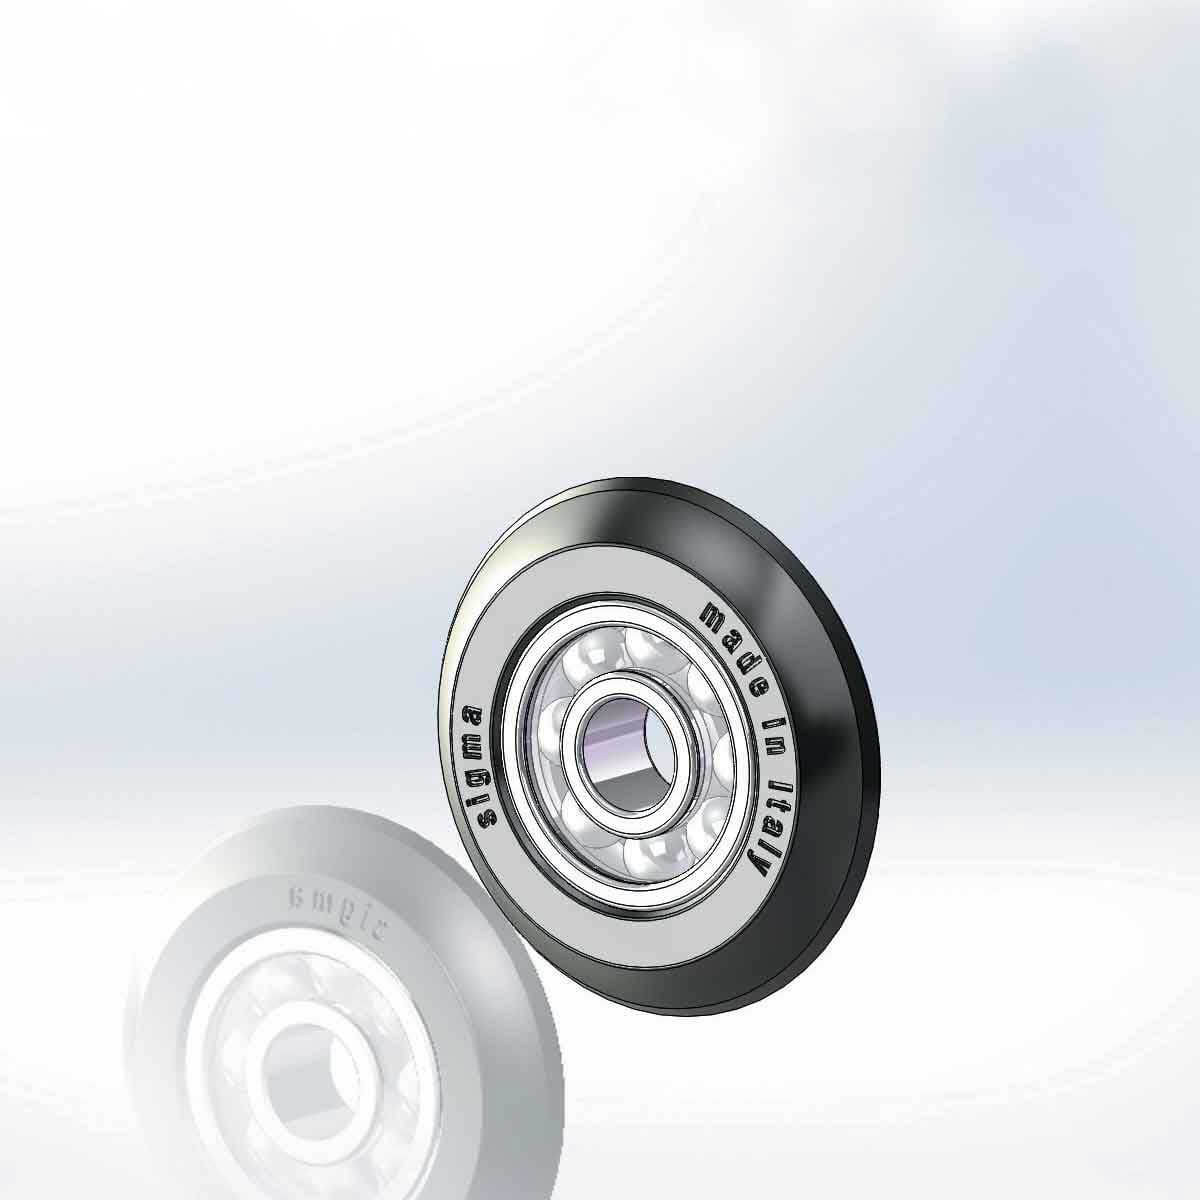 14MX Sigma carbide Wheel